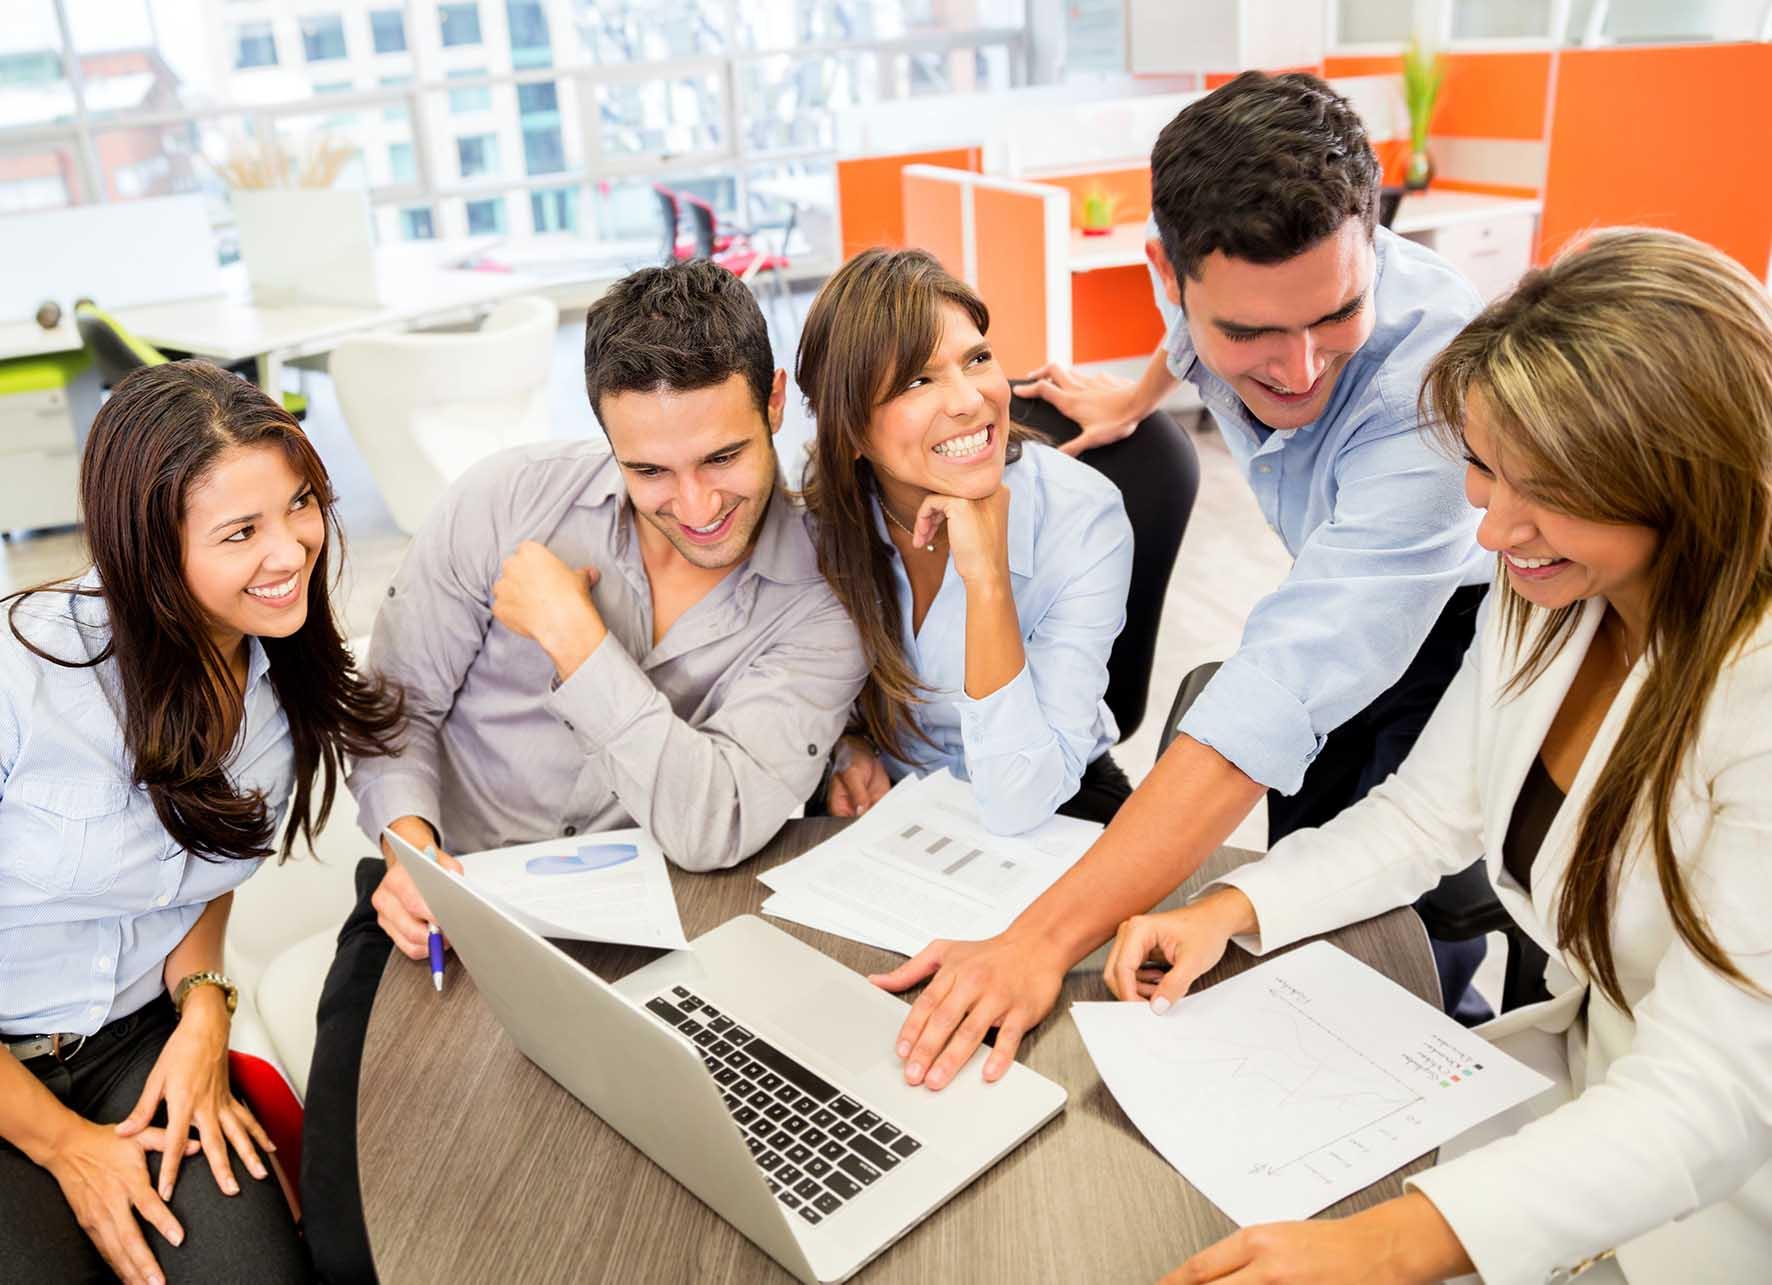 imprese di giovani imprenditorialità giovanile pc riunione gruppo Fotolia 49188290